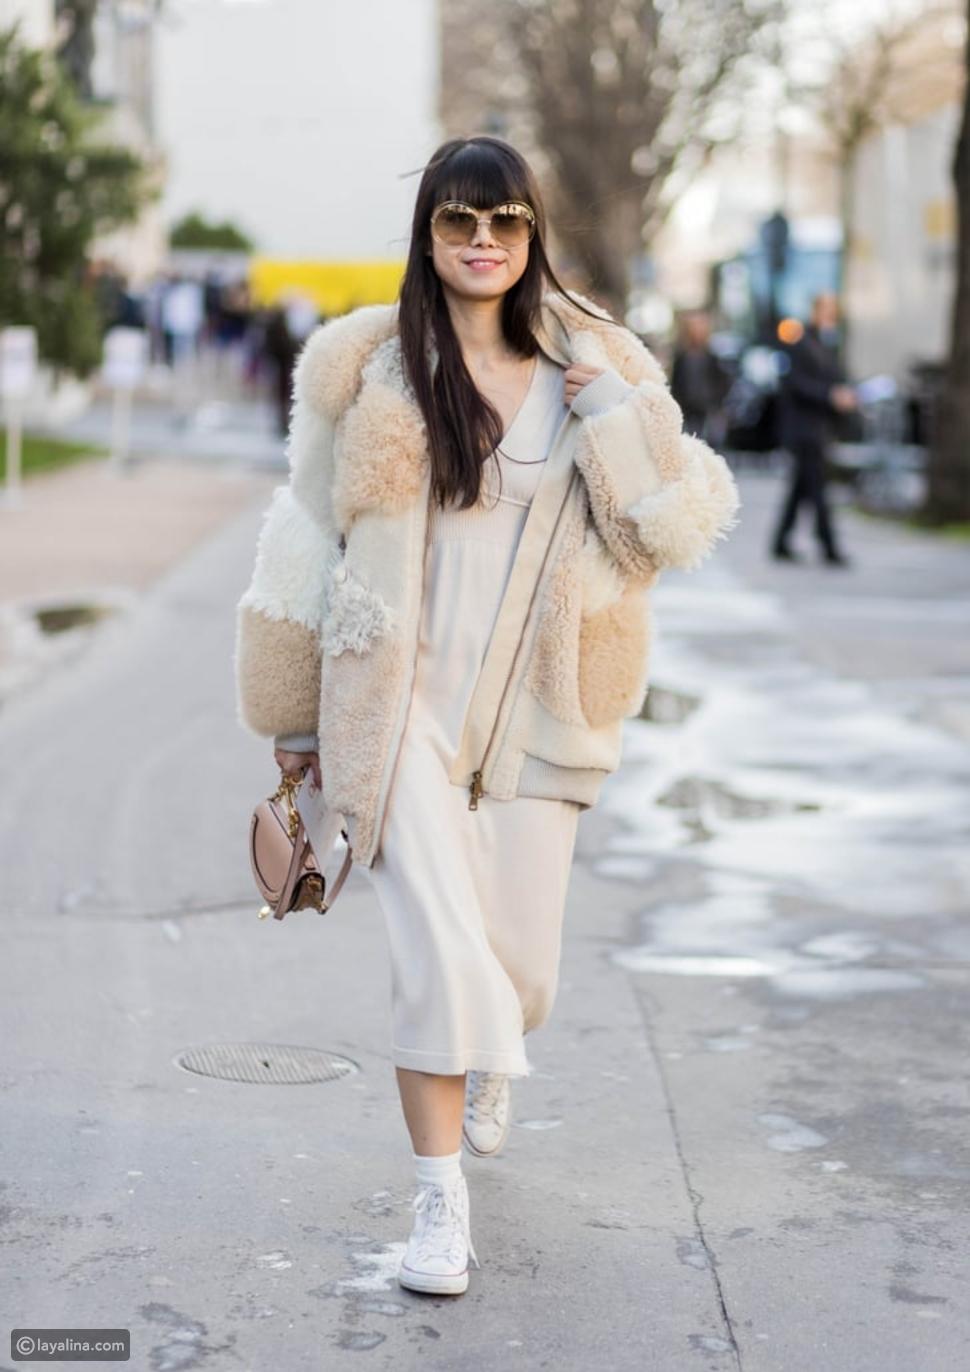 فستان أبيض محبوك مع معطف أنيق